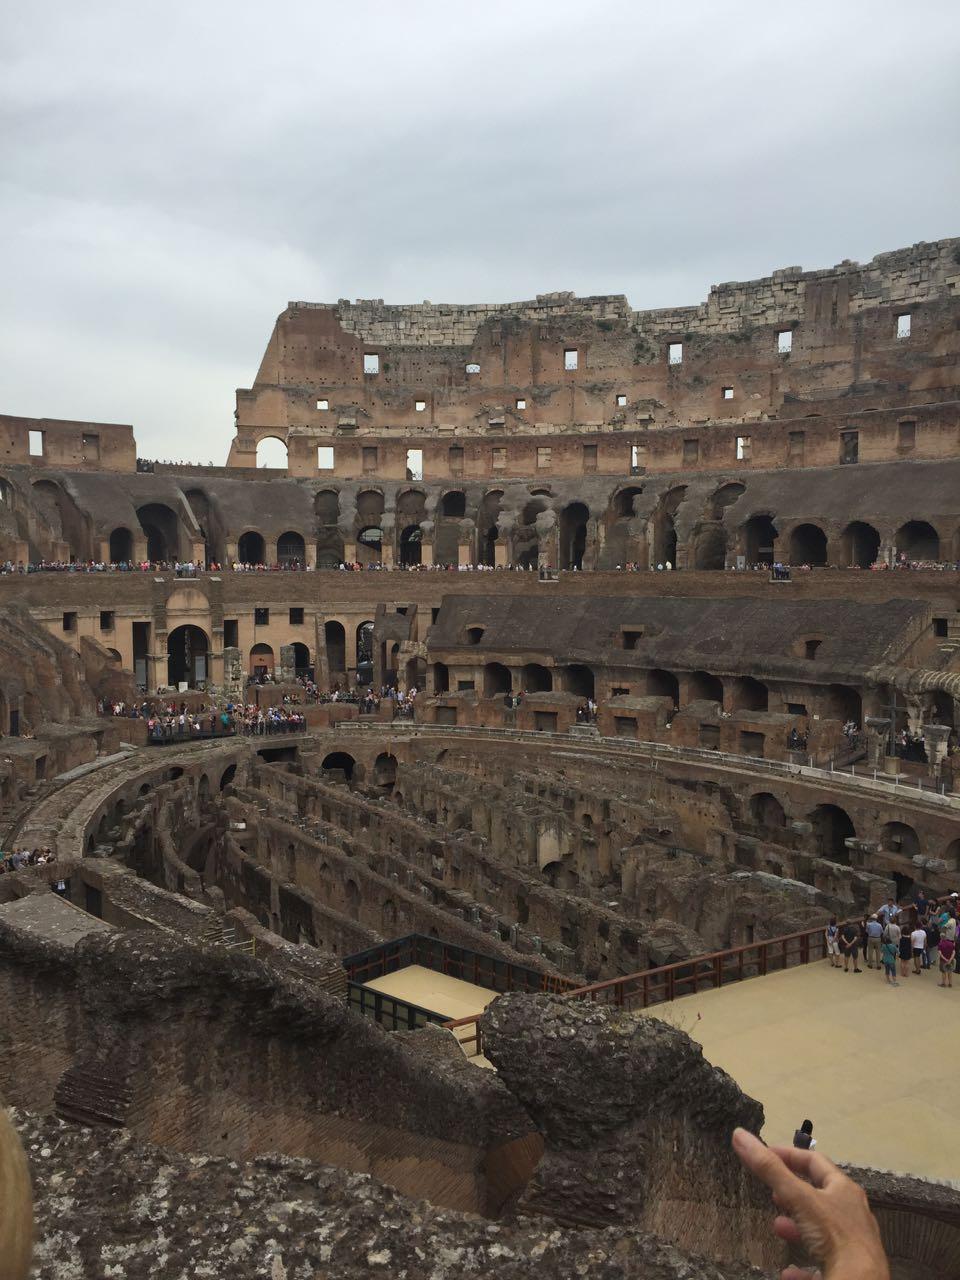 1FT Rome Italy - Campitelli - Lazio, May 20, 2015 - 2 of 75